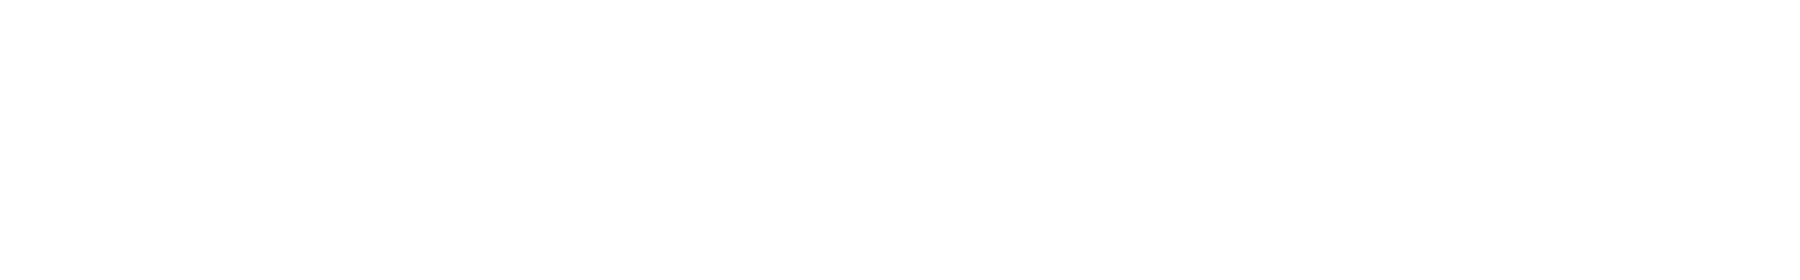 riser white noise 1